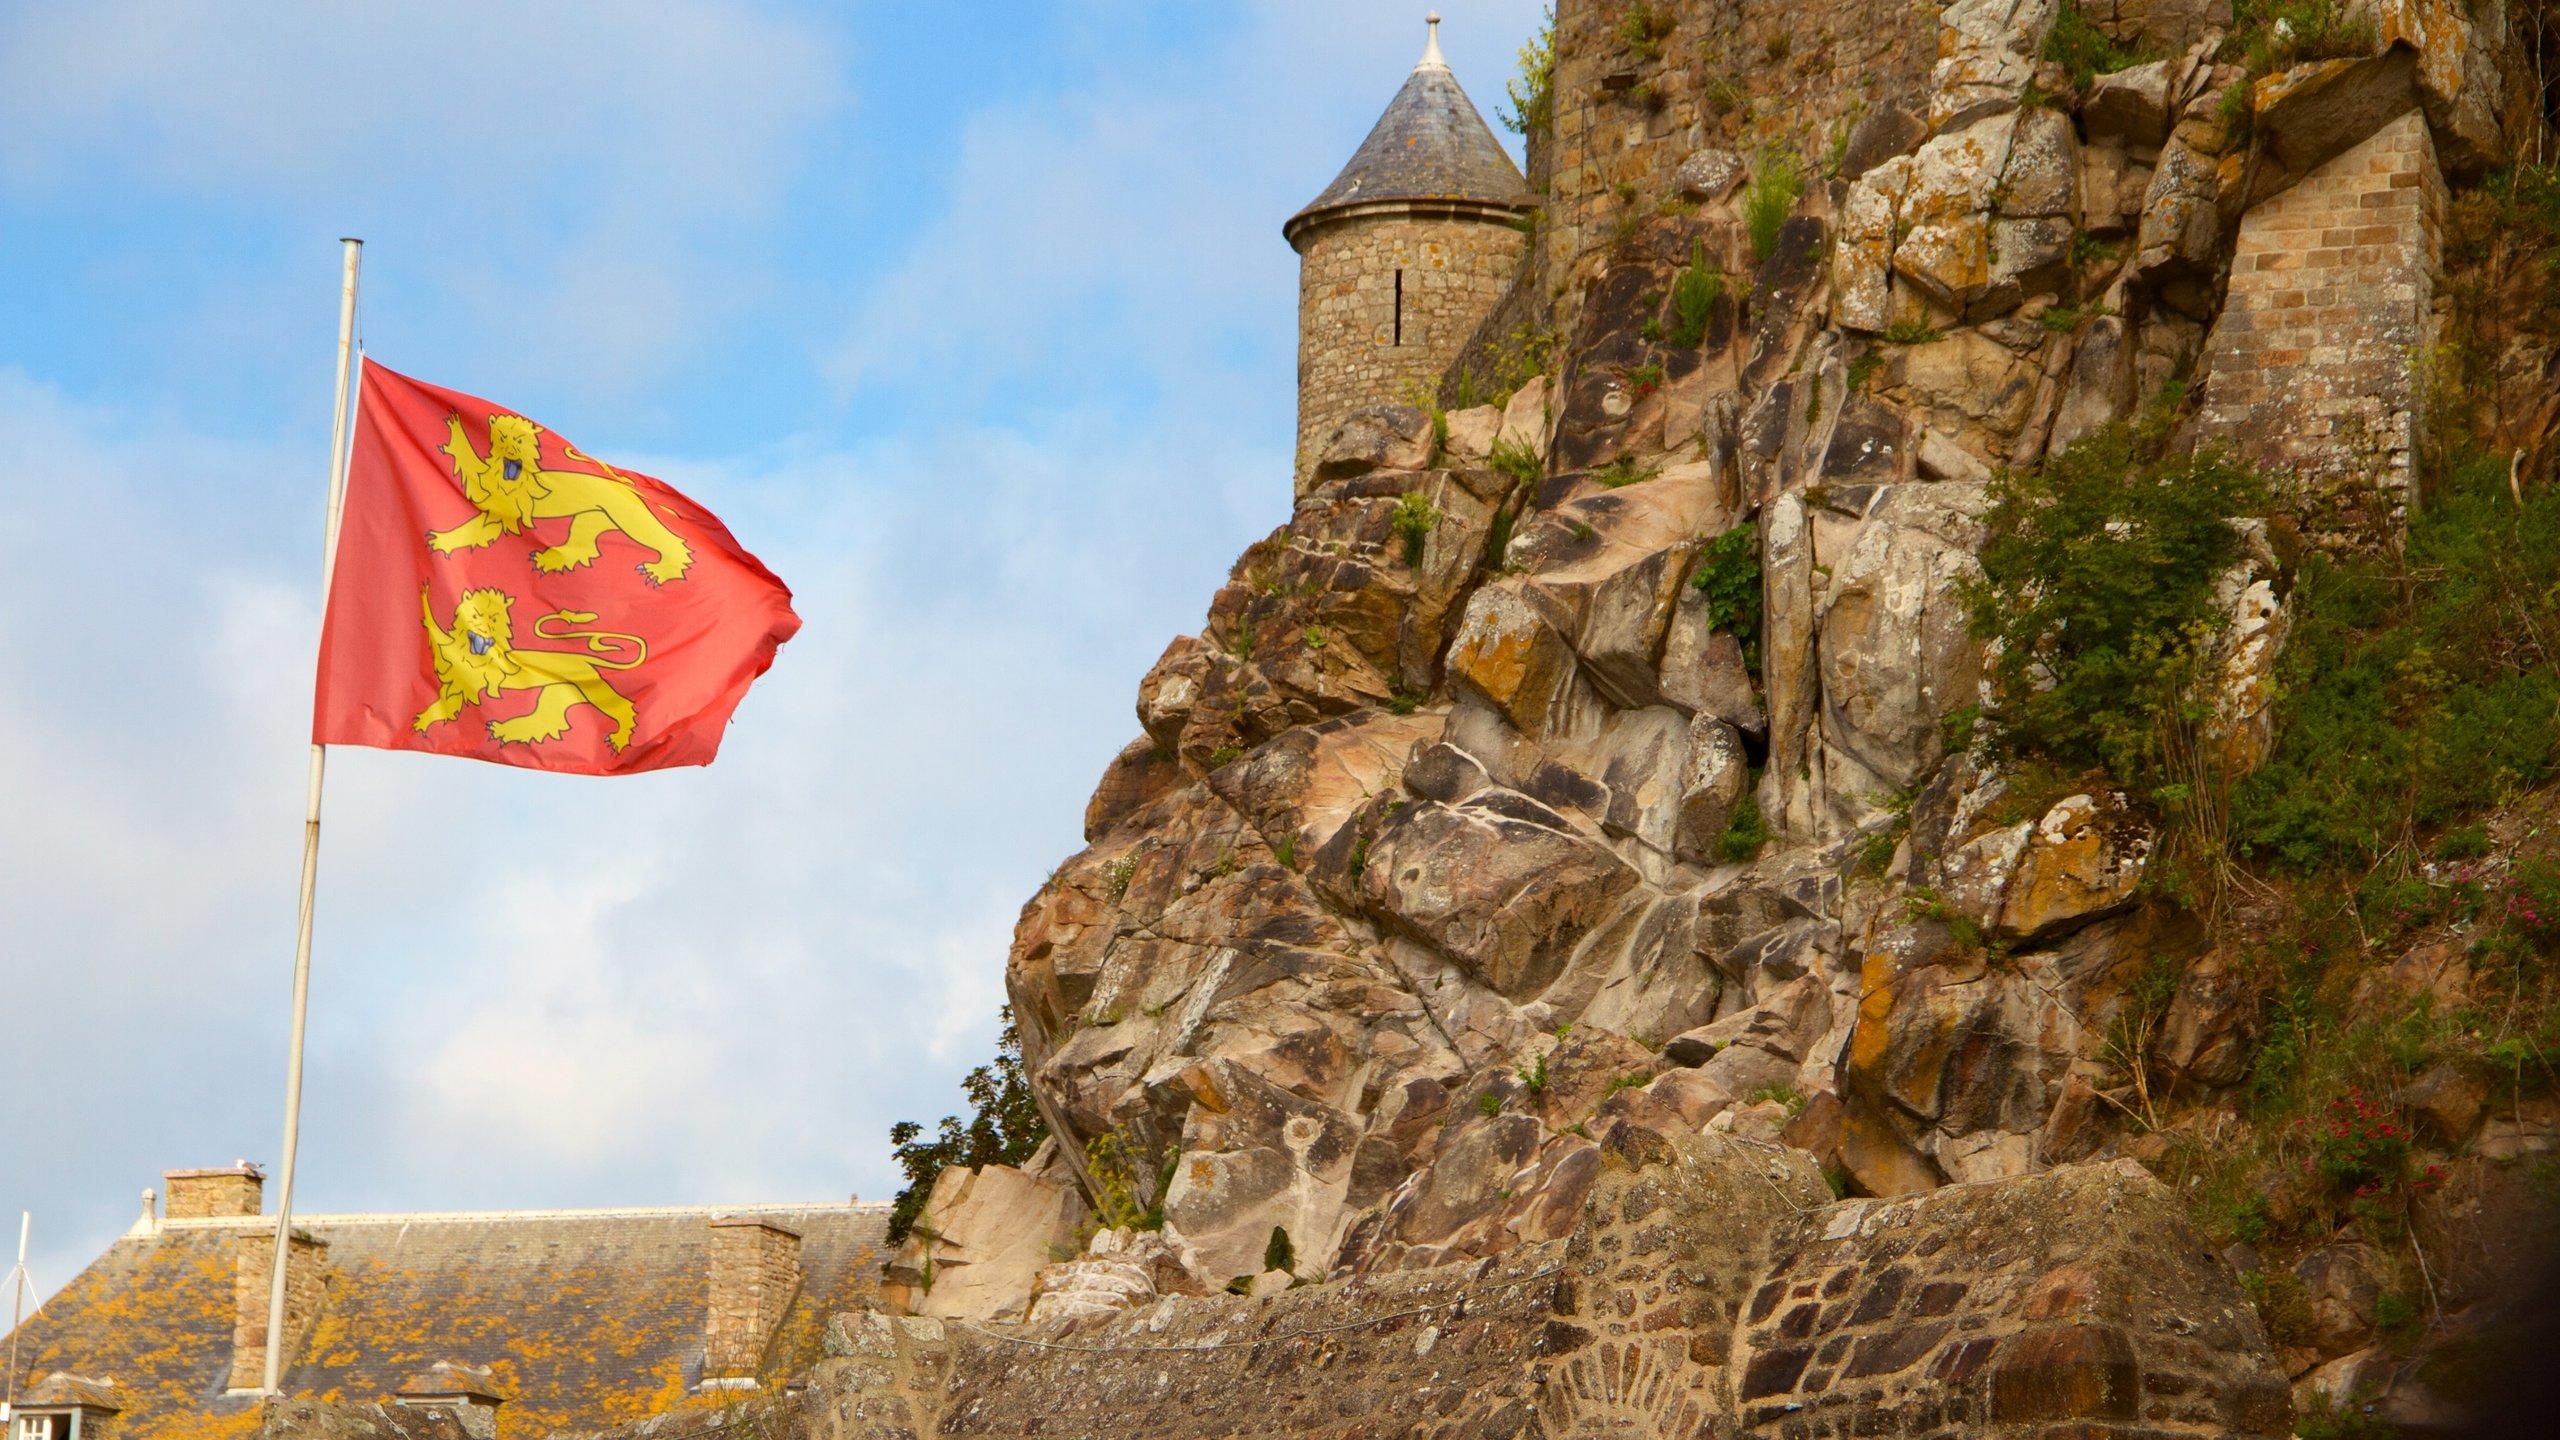 Entrez en communion avec la nature et prenez un bon bol d'air à Mont-Saint-Michel en explorant Le Mont-Saint-Michel. Profitez de votre séjour au cœur de cette région idéale pour la balade pour jeter un coup d'œil à sa cathédrale.